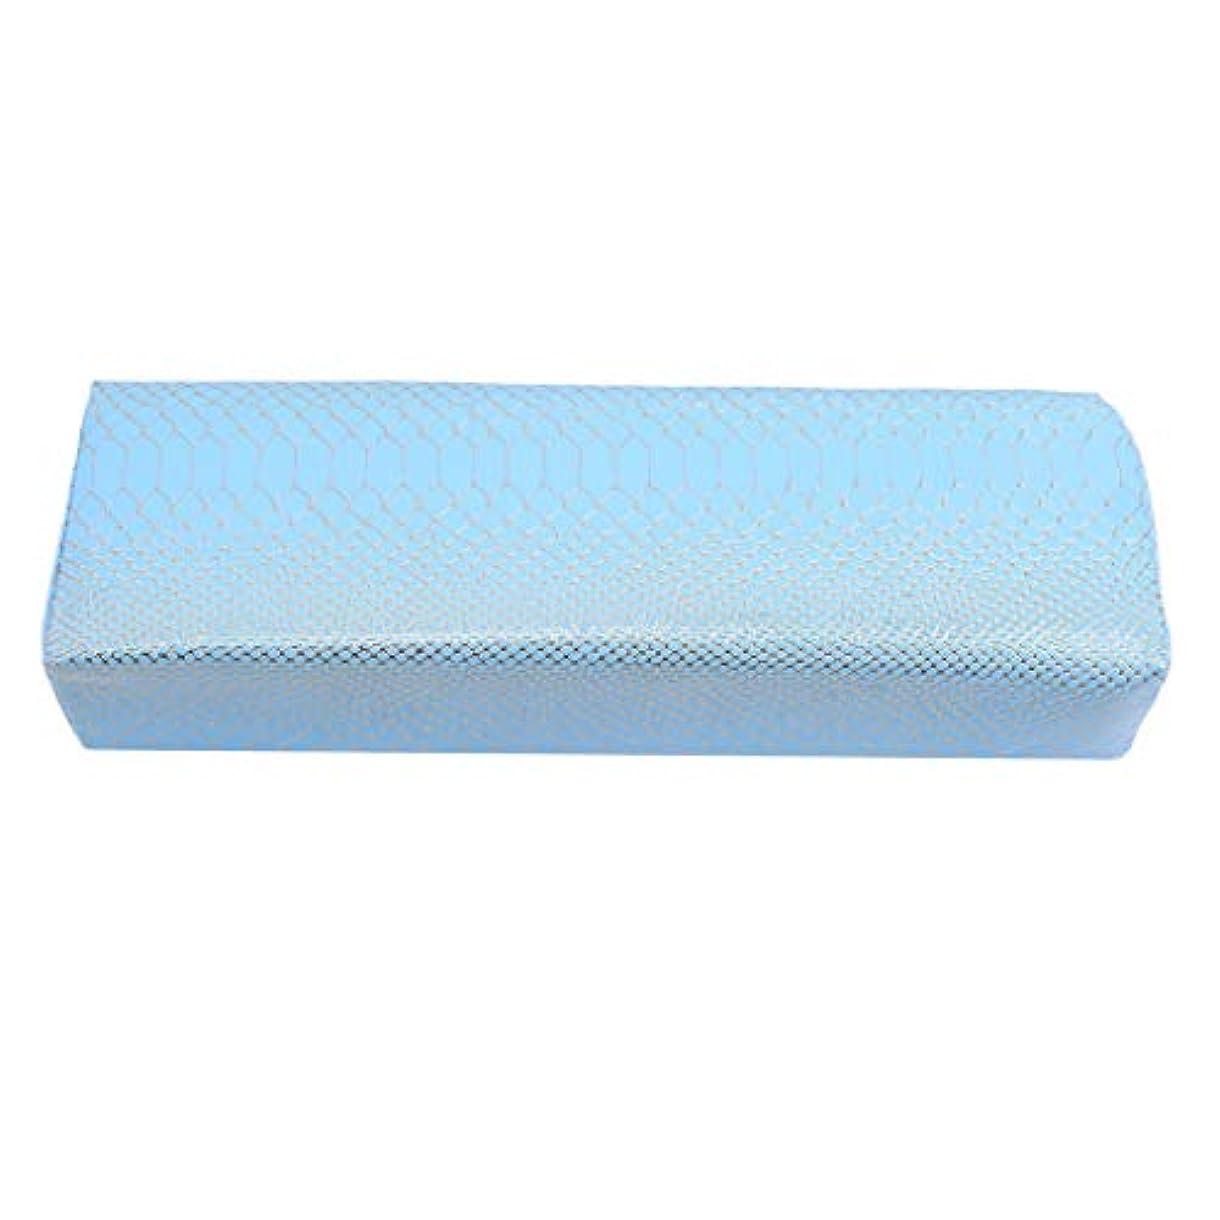 WEILYDF 手の枕 ネイルアート ハンドピロー ジェルネイルまくら ハンドクッション 美容室 サロン サポート 柔らかい